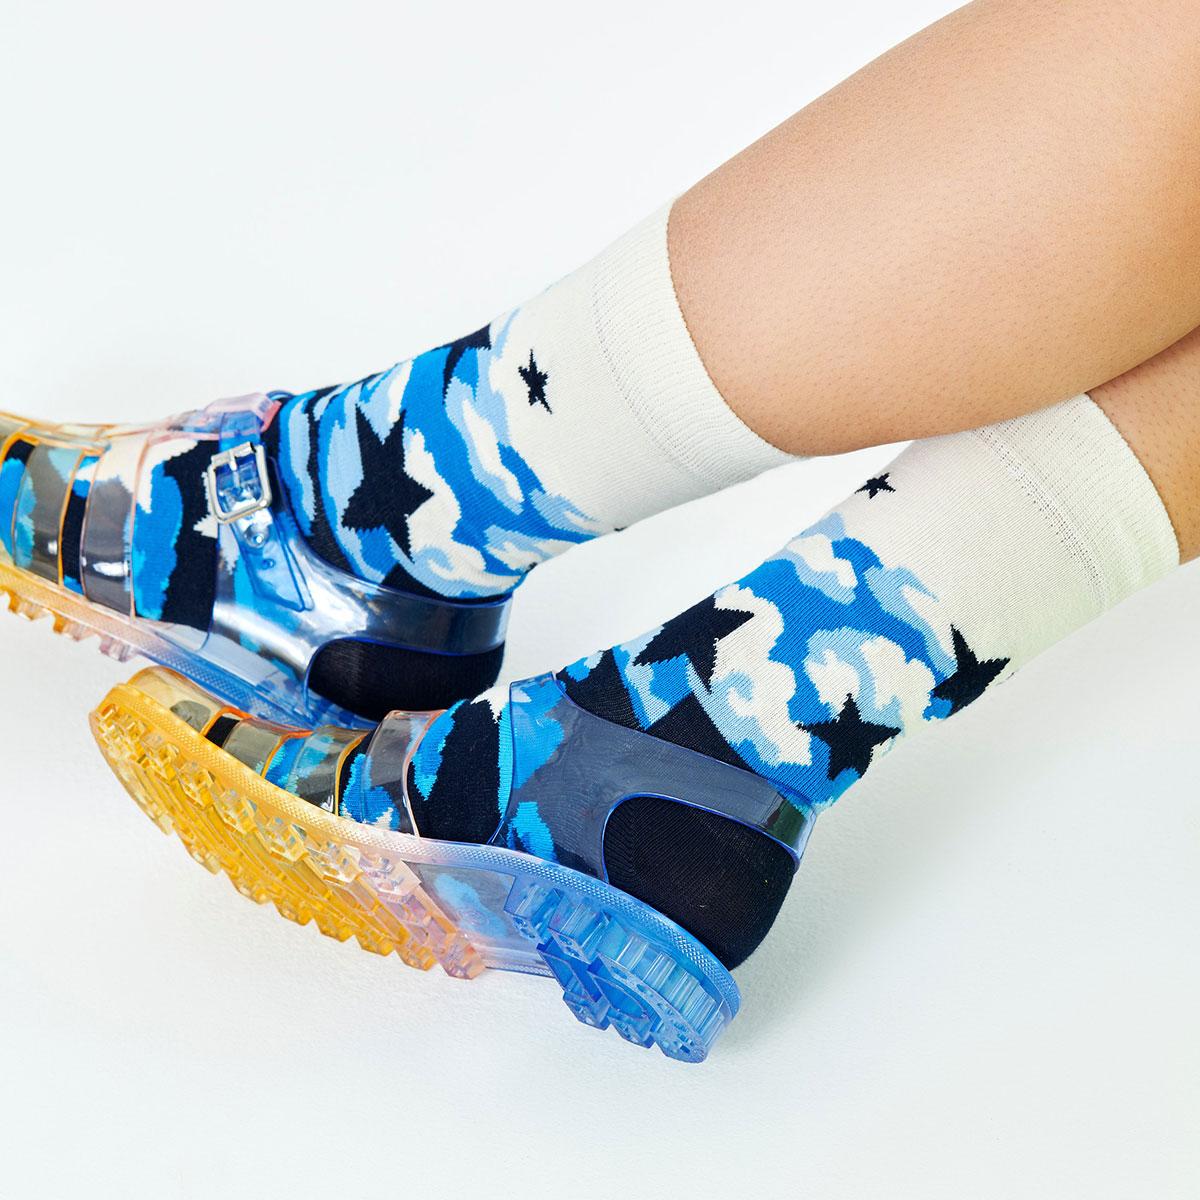 Happy Socks ハッピーソックス  STARS ( スターズ ) クルー丈 綿混 ソックス 靴下 ユニセックス メンズ & レディス プレゼント 贈答 ギフト 10211013【ゆうパケット220円・4点まで】